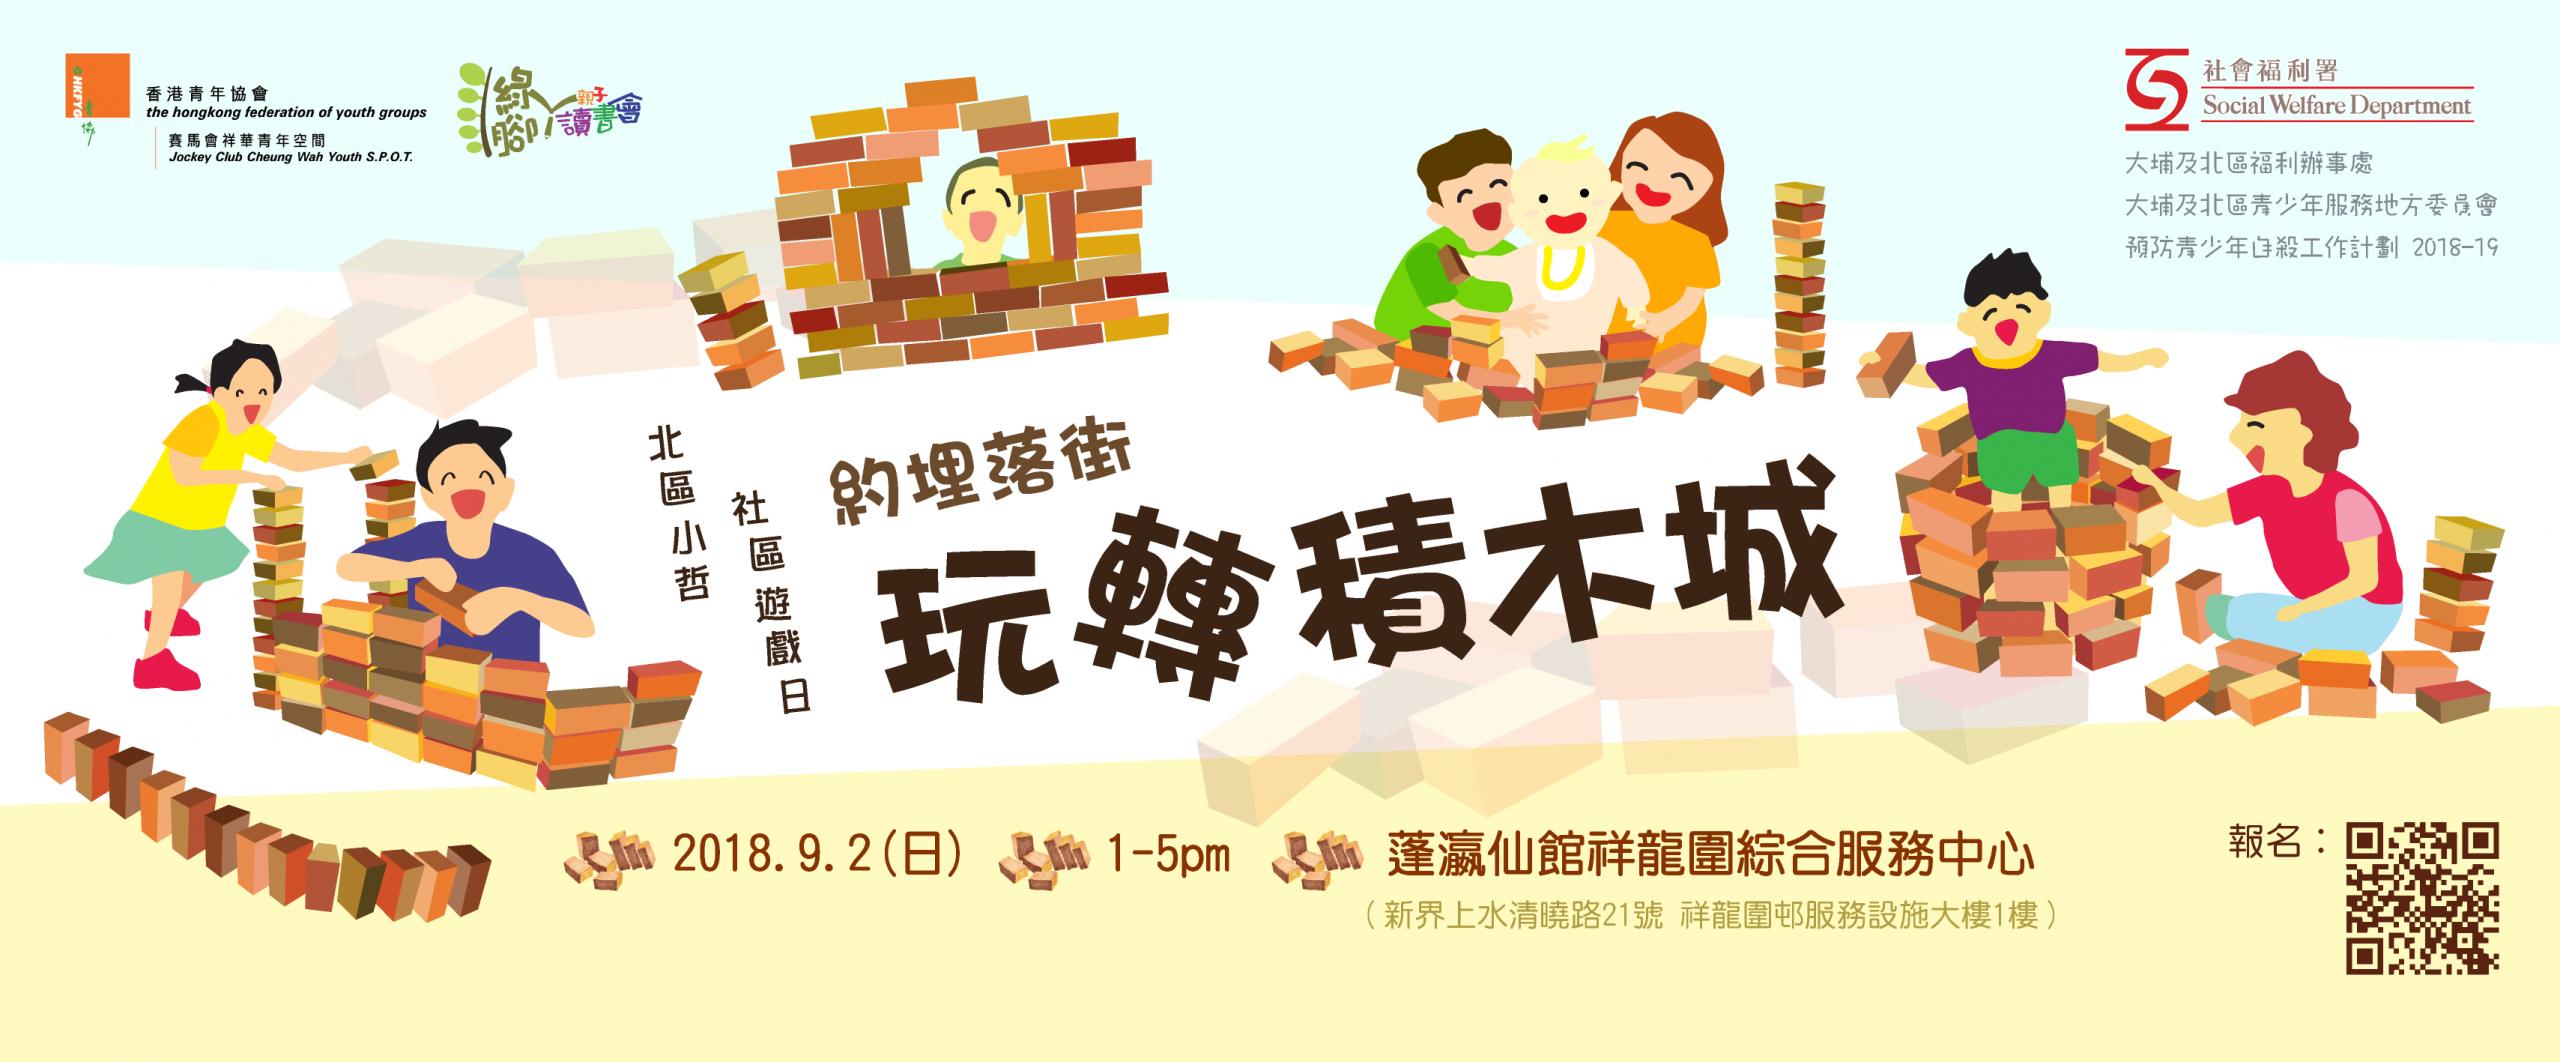 北區小哲社區遊戲日|約埋落街砌積木城